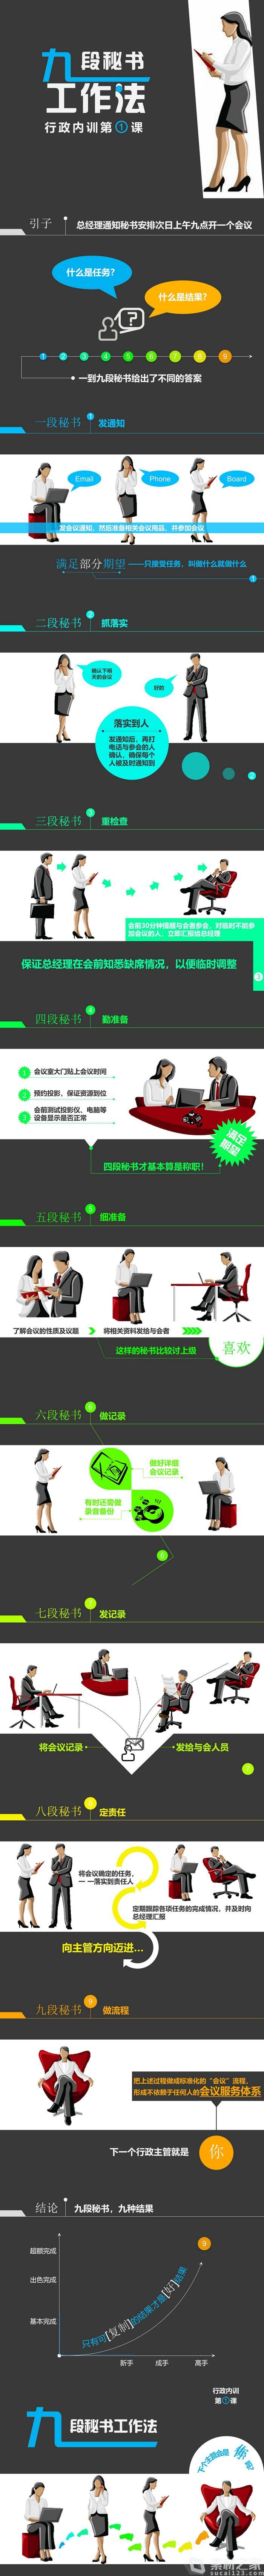 九段秘书行政内训PPT模板